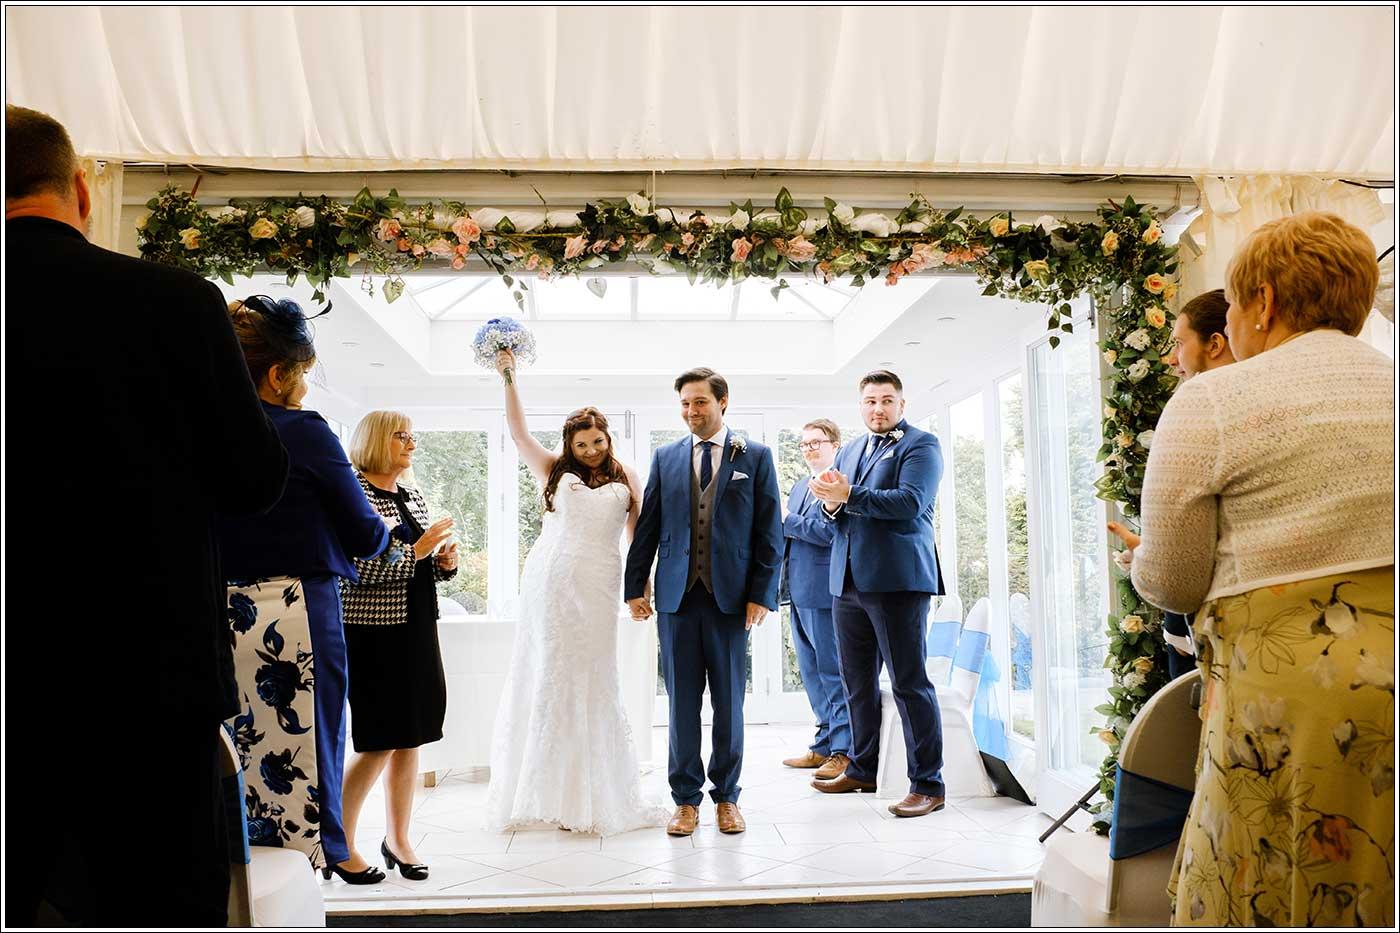 Jubilant bride walking down their aisle